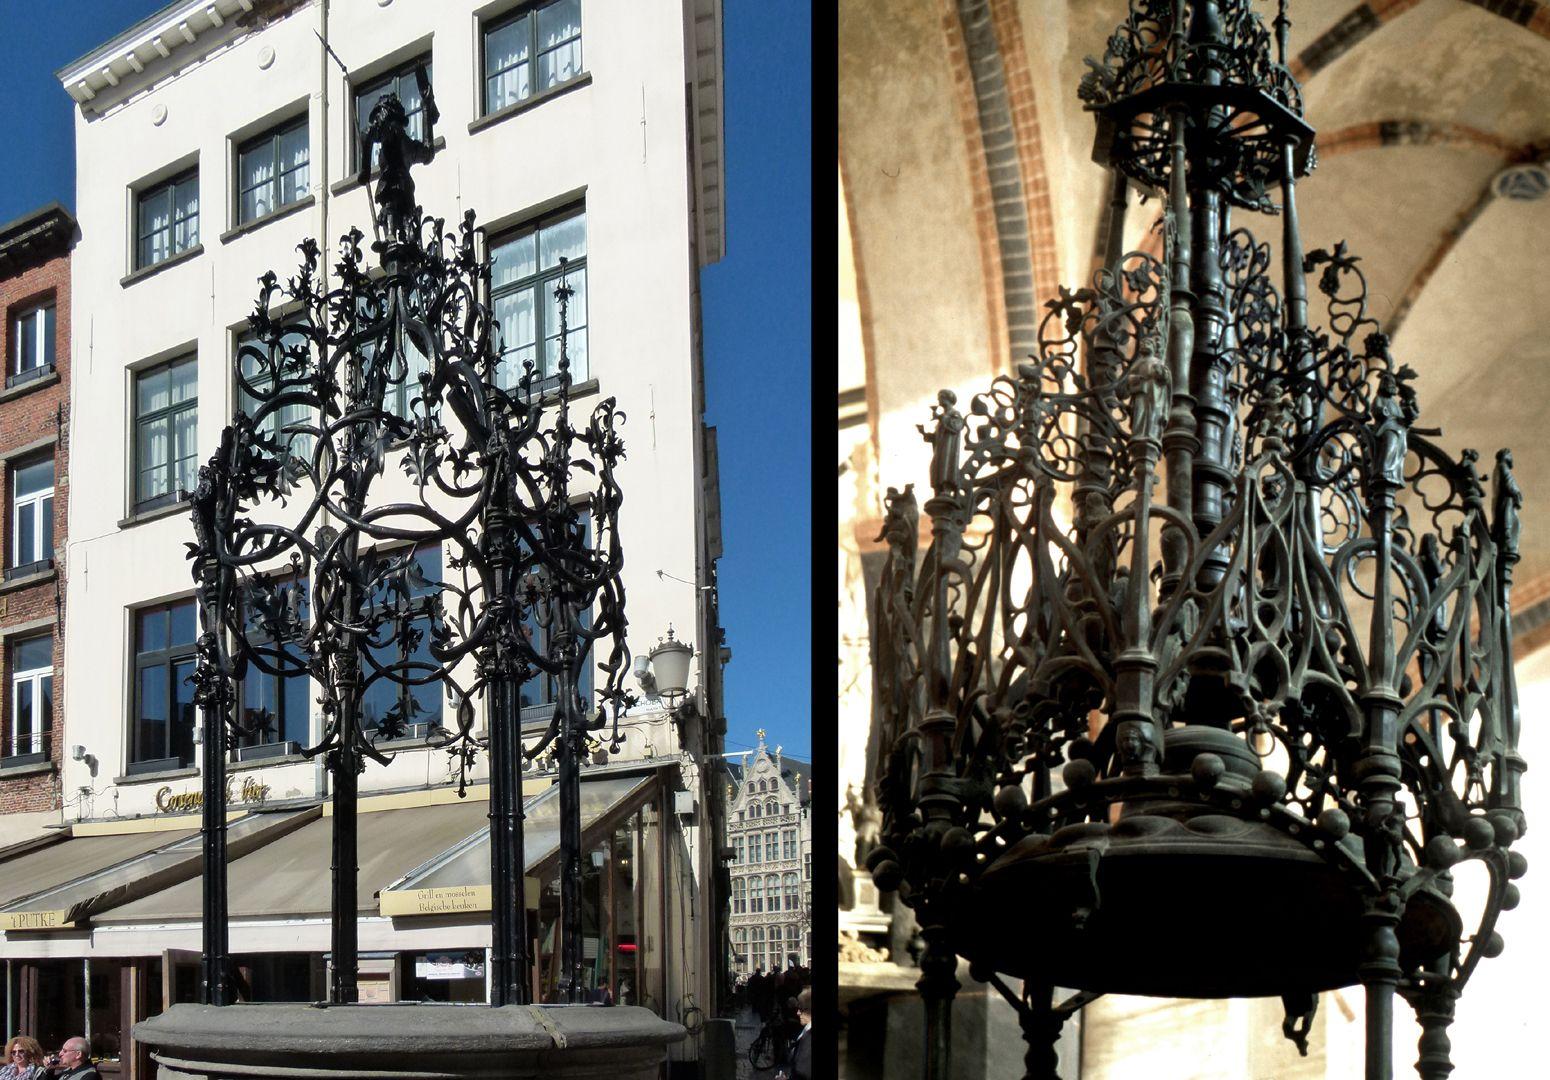 Taufe links: Waterput von Quinten Metsijs in Antwerpen, kurz nach 1500 / rechts: Salzwedel. Man vergleiche die Gemeinsamkeit der arboreszenten Grundkomposition.